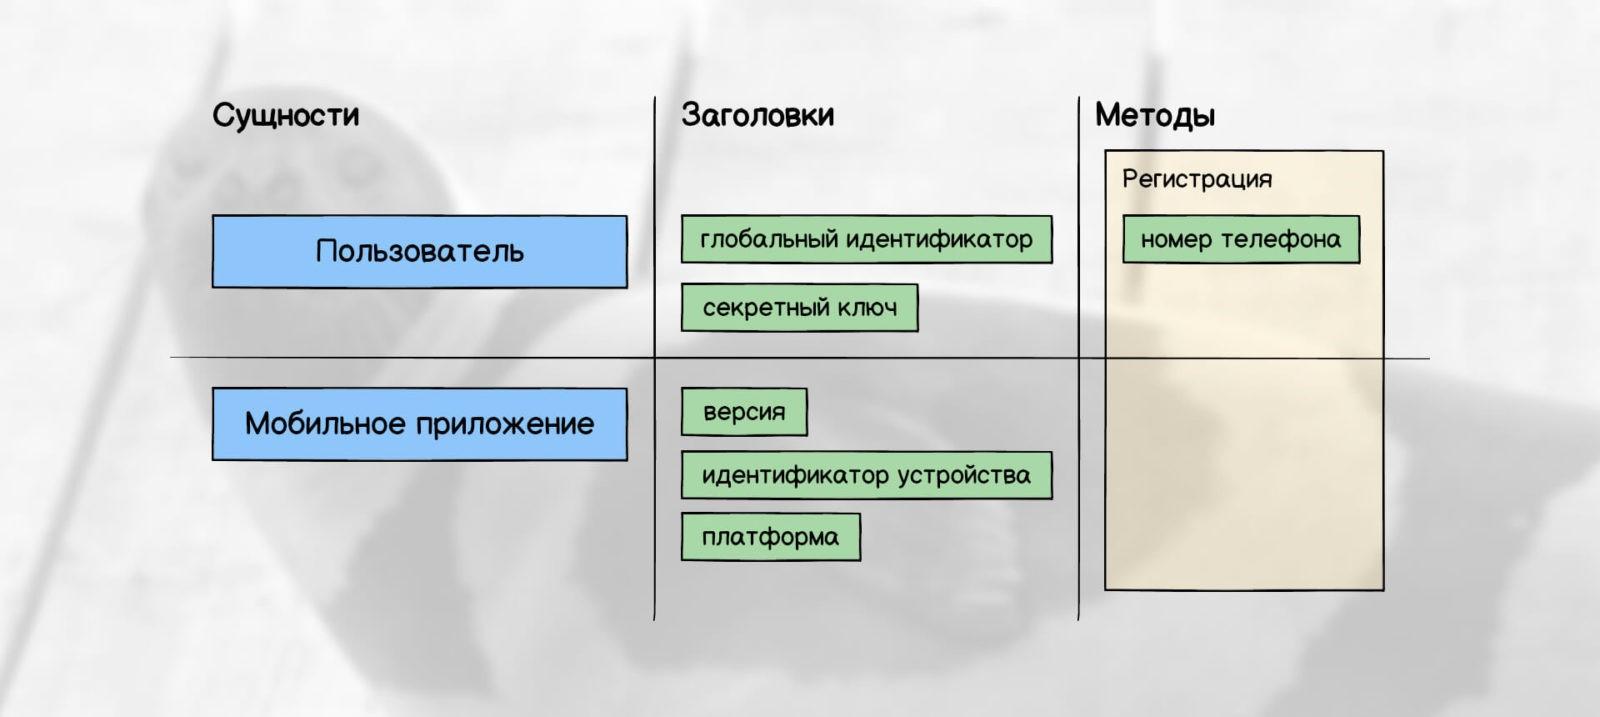 Дизайн данных: заголовки и методы API (регистрация)